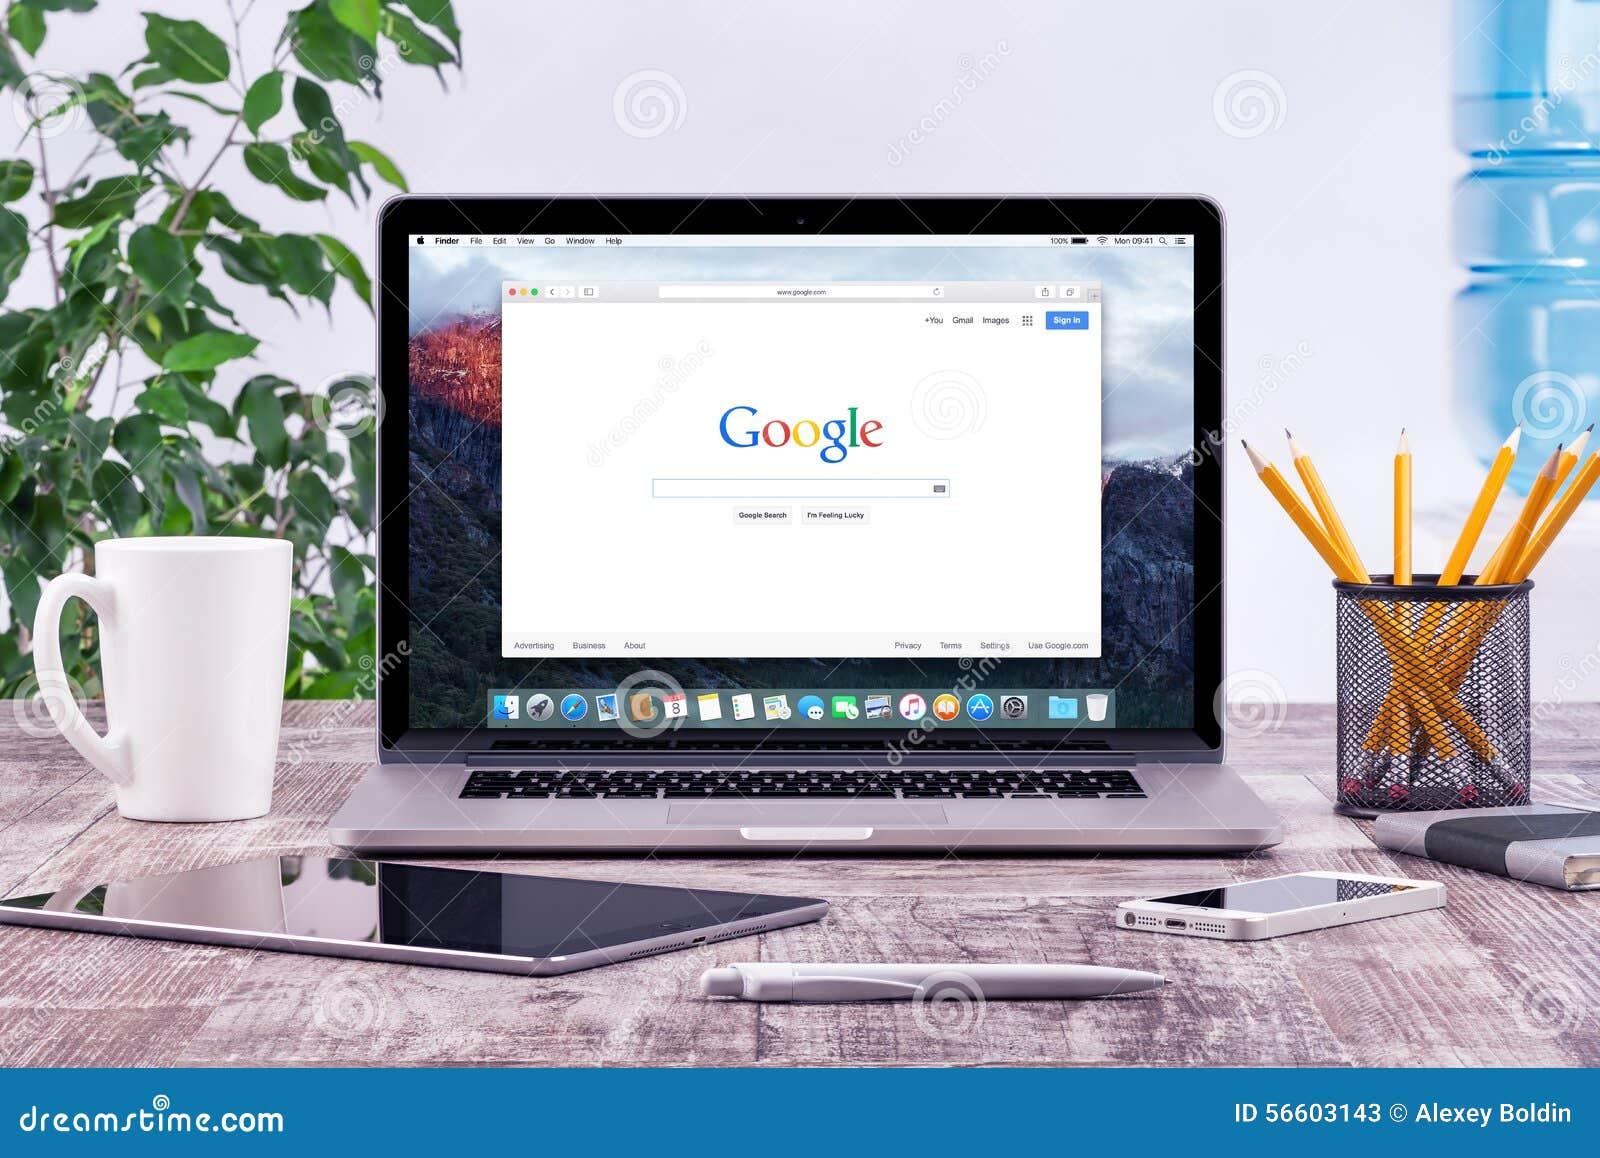 Büroarbeitsplatz mit offenem Apple Macbook Pro mit Google-Seite